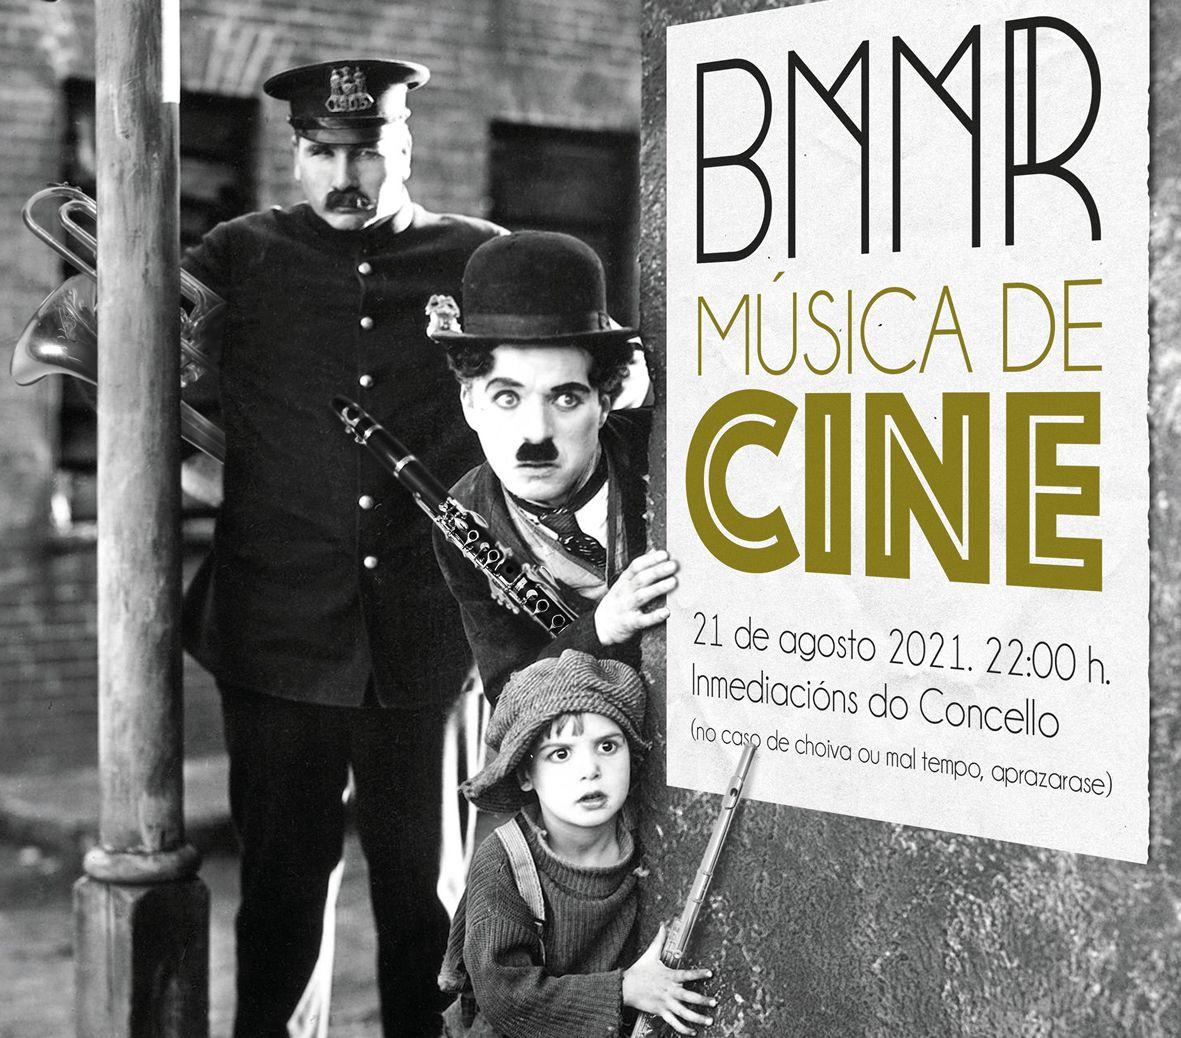 A Banda de Ribadeo ofrecerá o seu tradicional concerto de música de cine este sábado